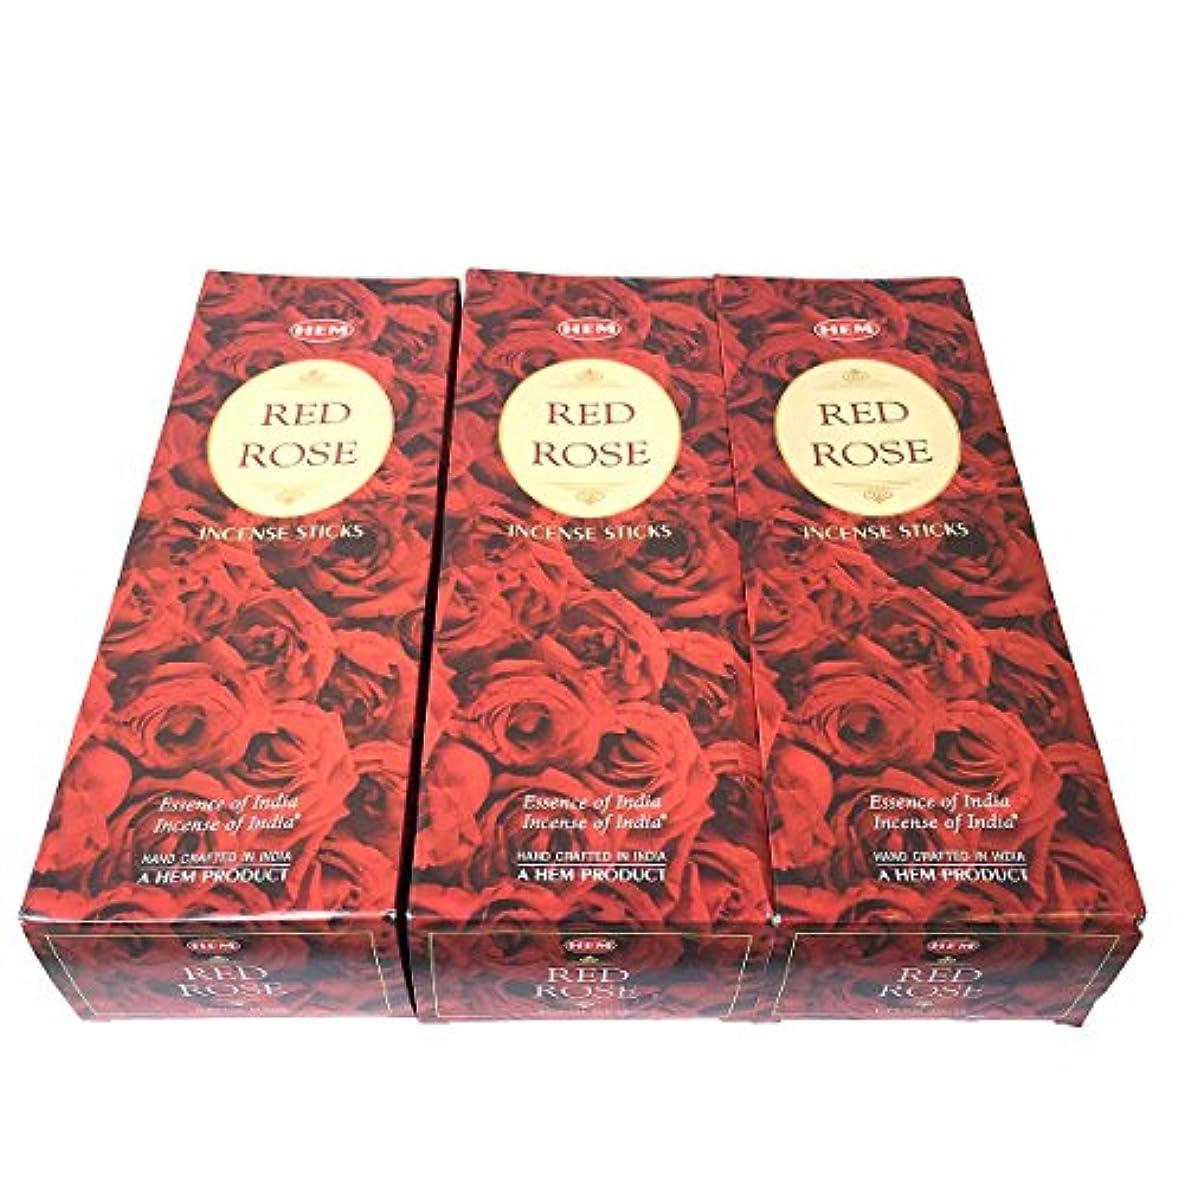 神経衰弱万歳刻むレッドローズ香スティック 3BOX(18箱) /HEM RED ROSE/インセンス/インド香 お香 [並行輸入品]